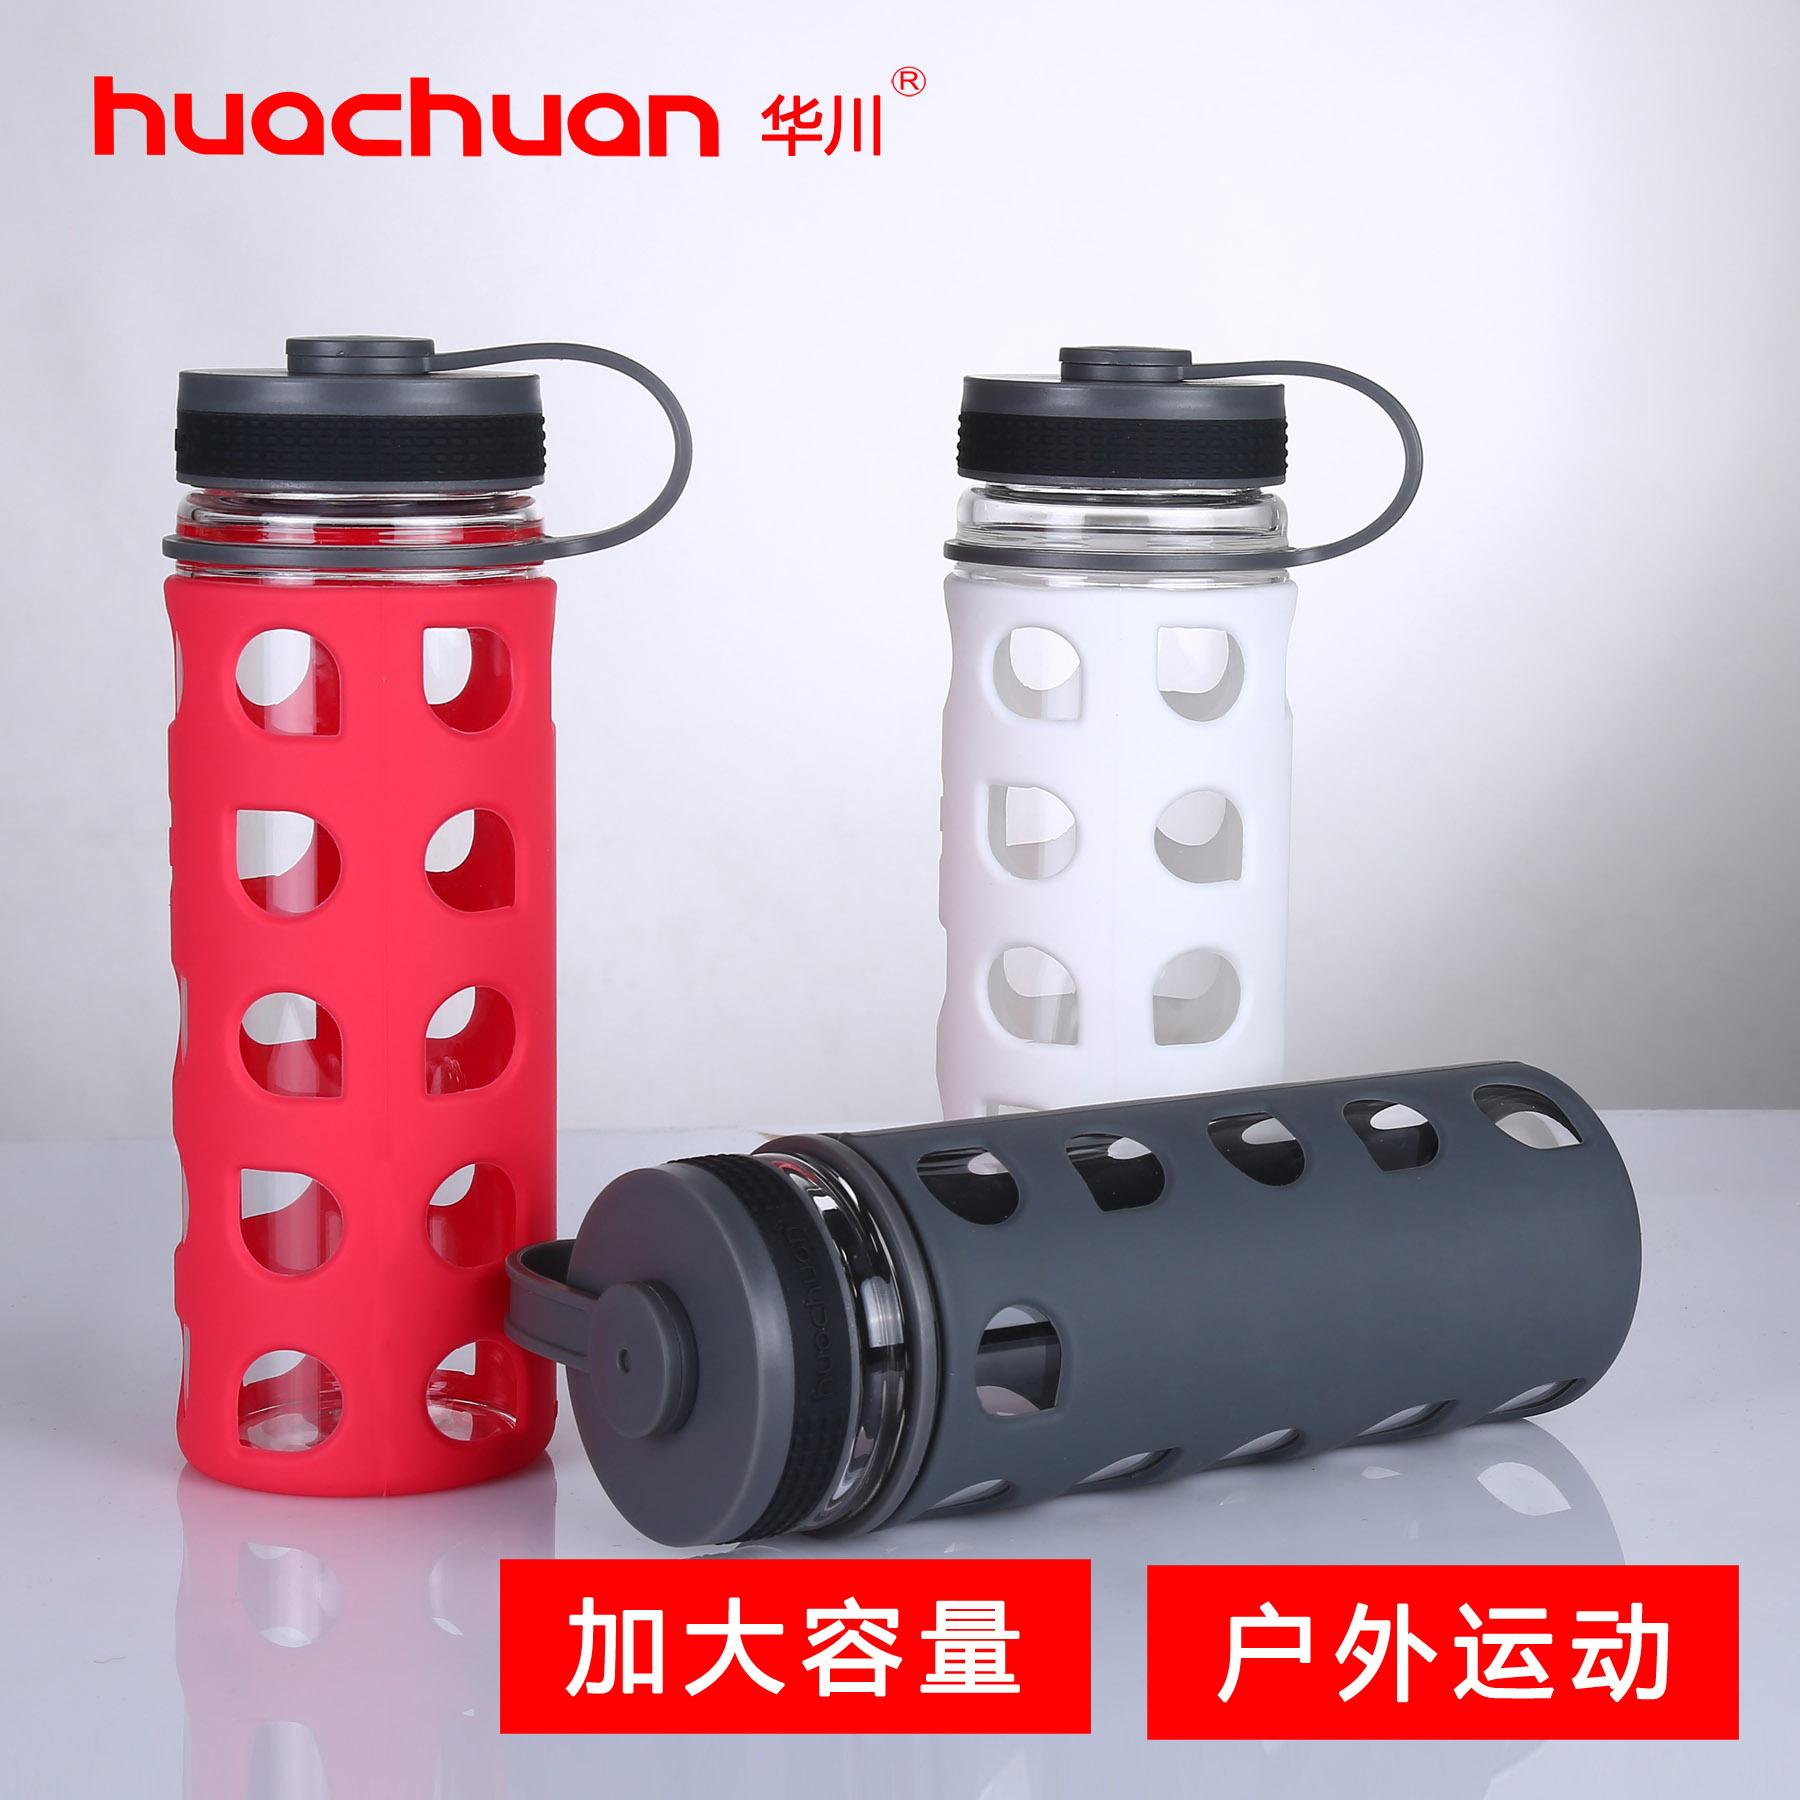 華川水滴杯便攜大容量單層玻璃杯加厚防摔矽膠隨手 帶蓋水杯子